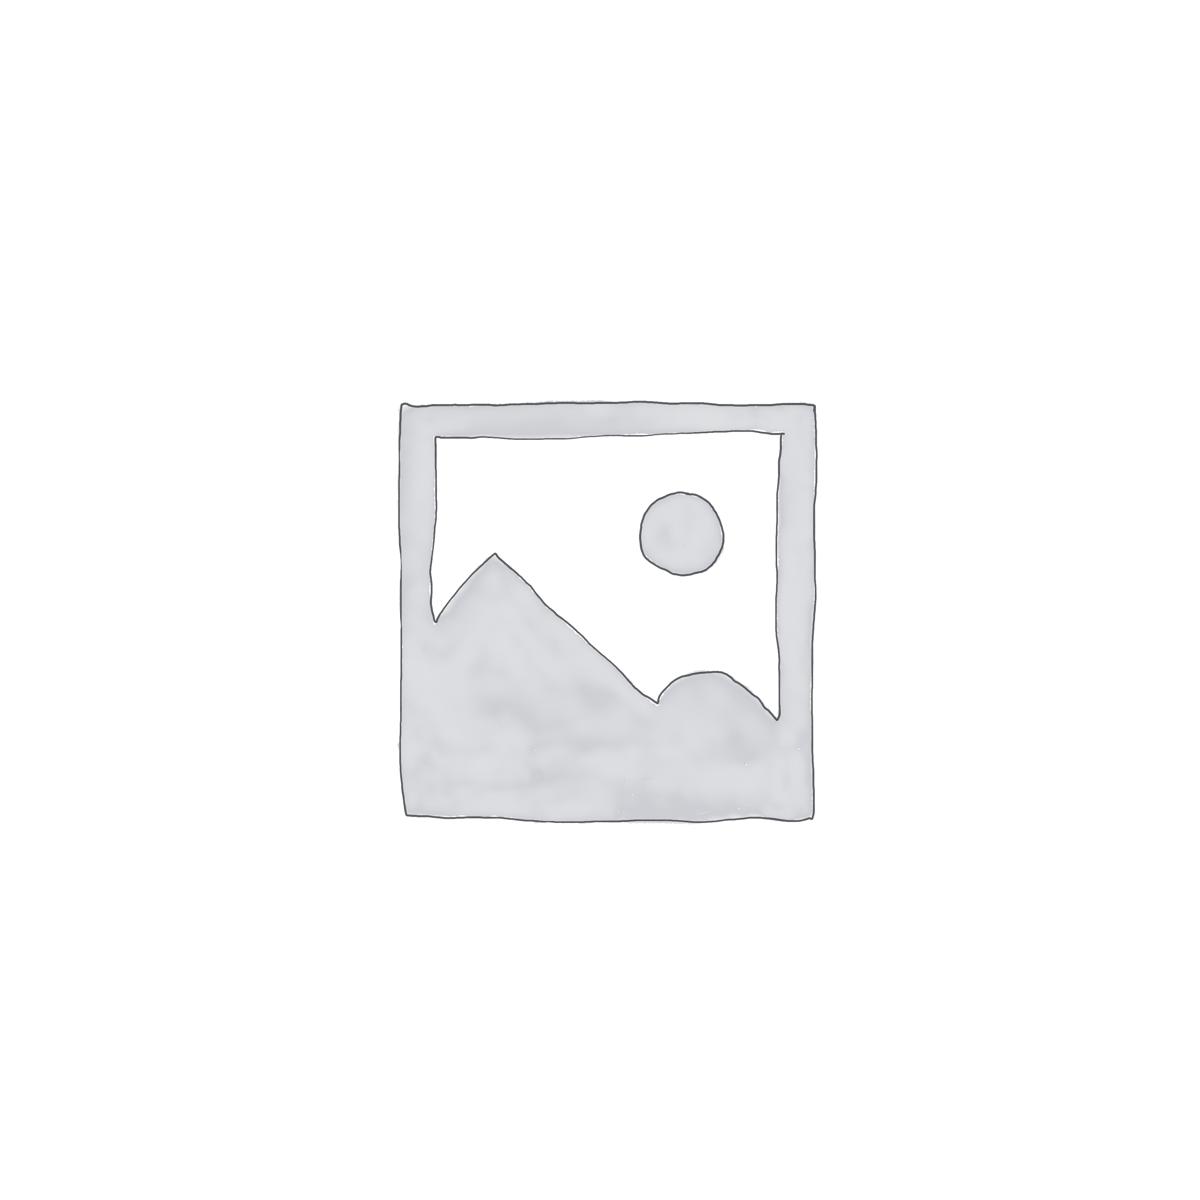 THUYỀN CỔ KÍCH THƯỚC NHỎ - SMALL TALL SHIPS